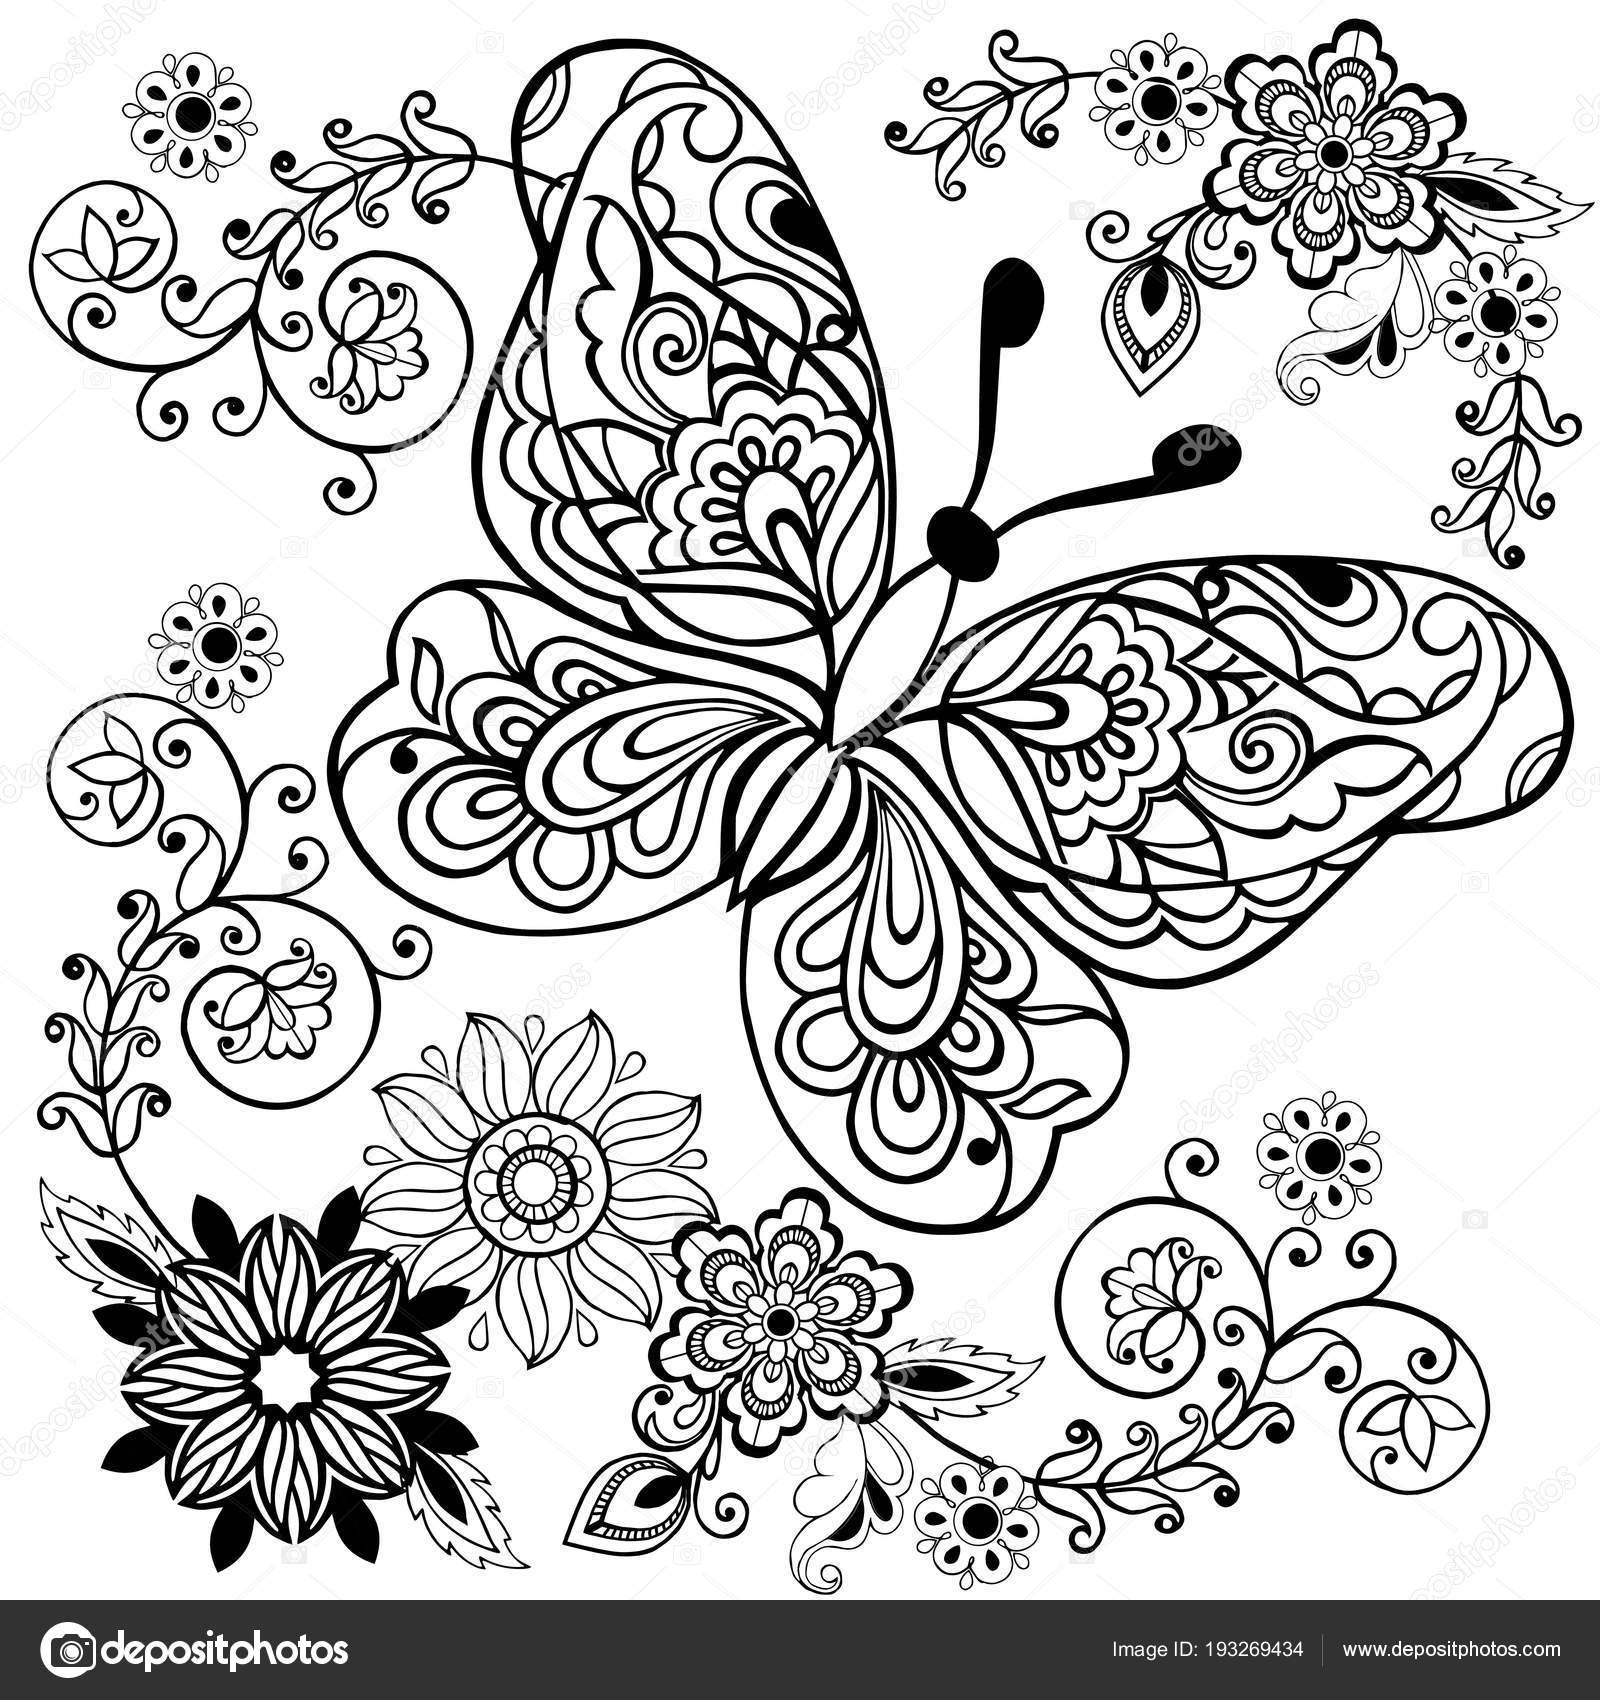 kleurplaten kleurplaat vlinder bloem